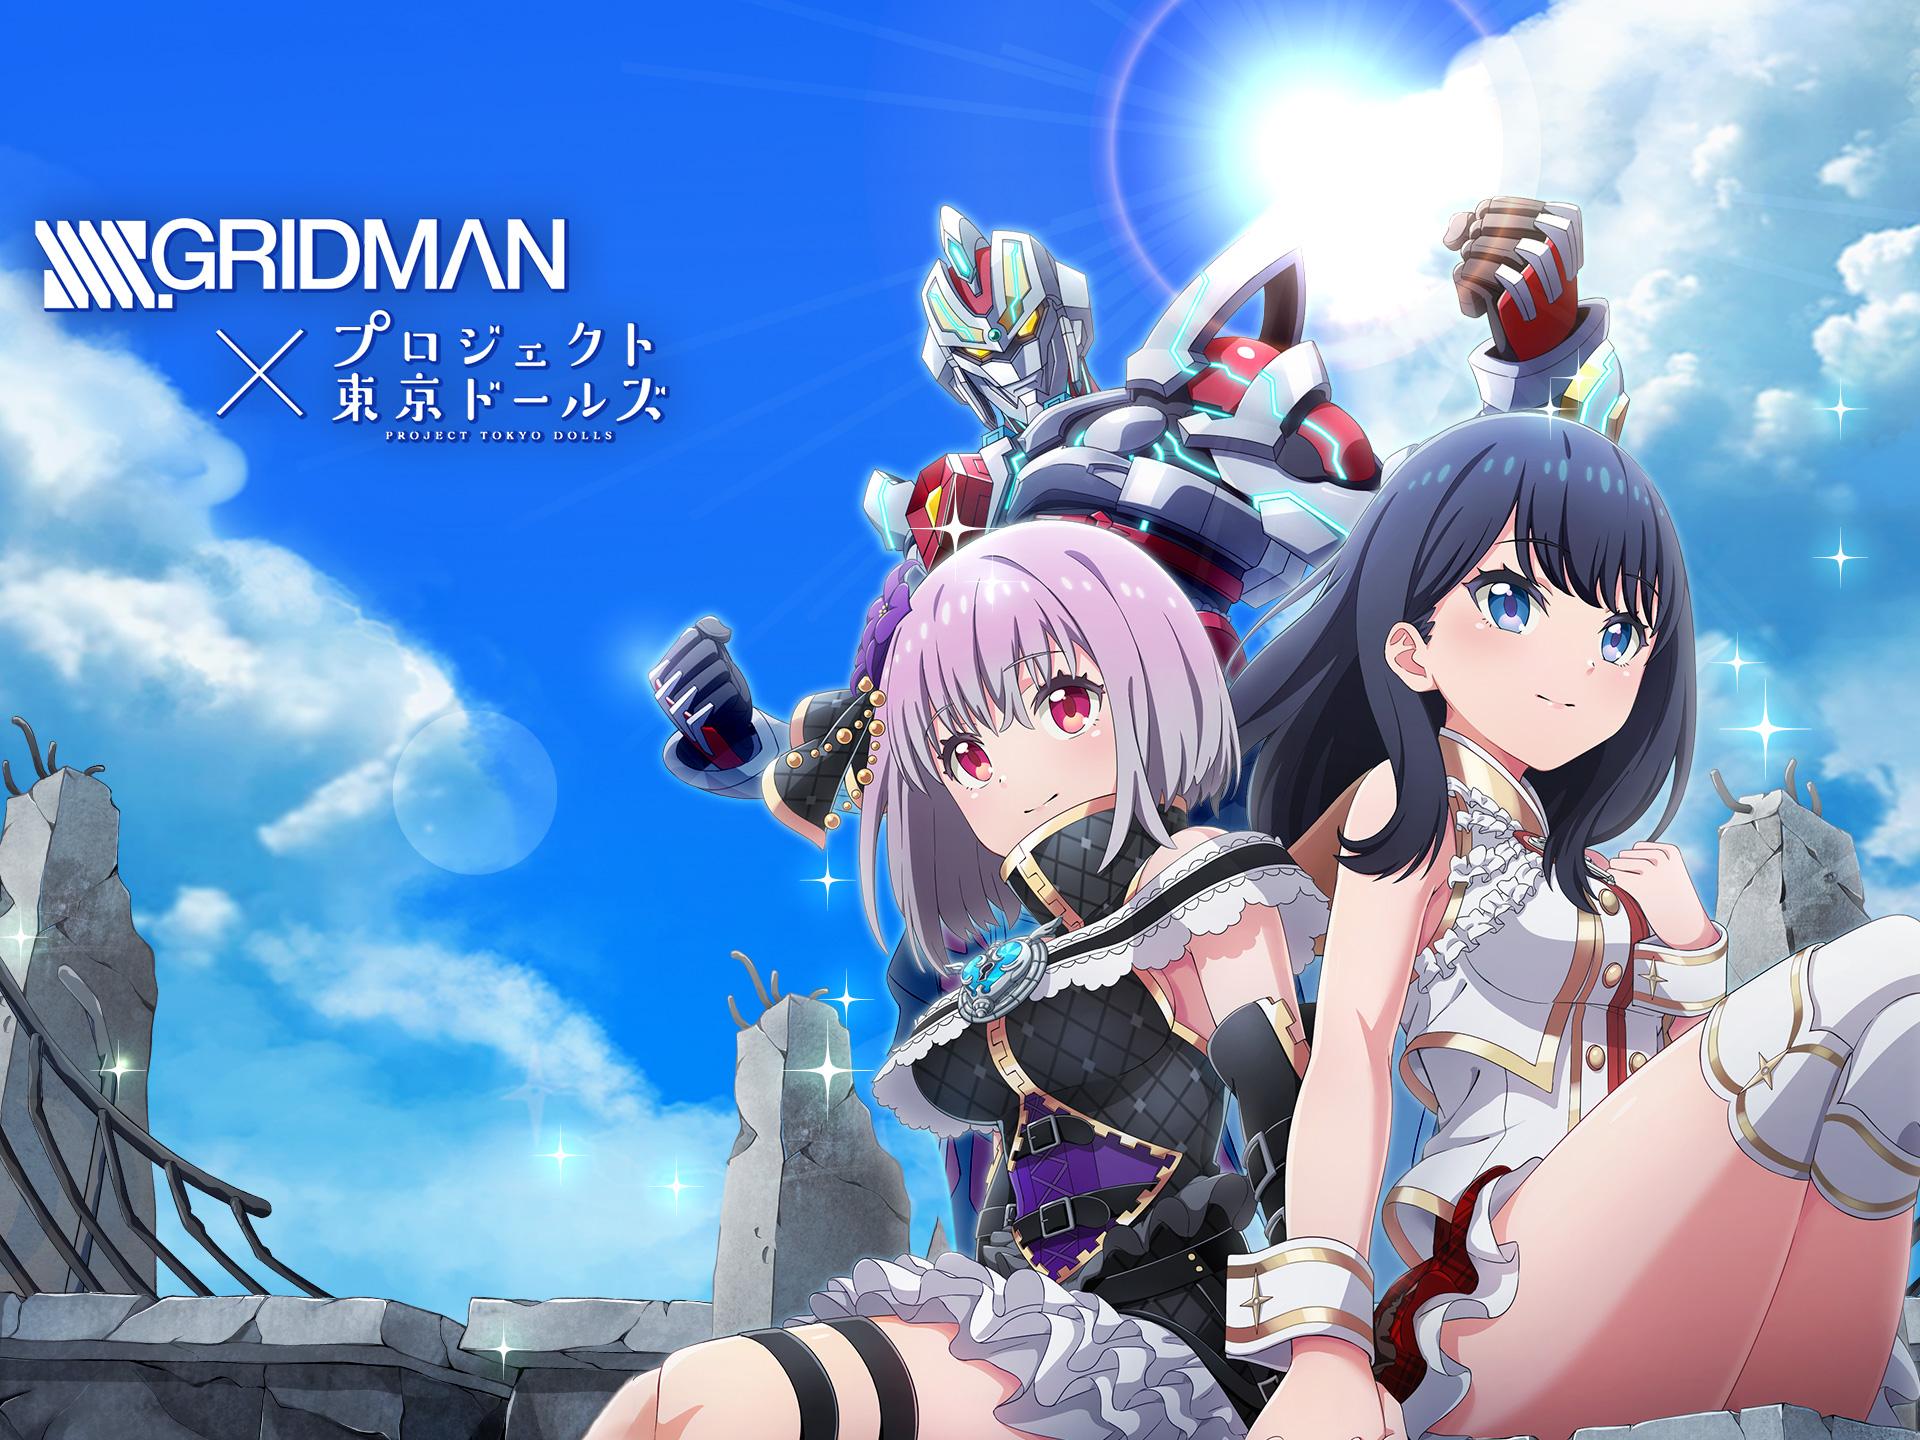 予告 Ssss Gridman コラボイベント開催 プロジェクト東京ドールズ Square Enix Bridge